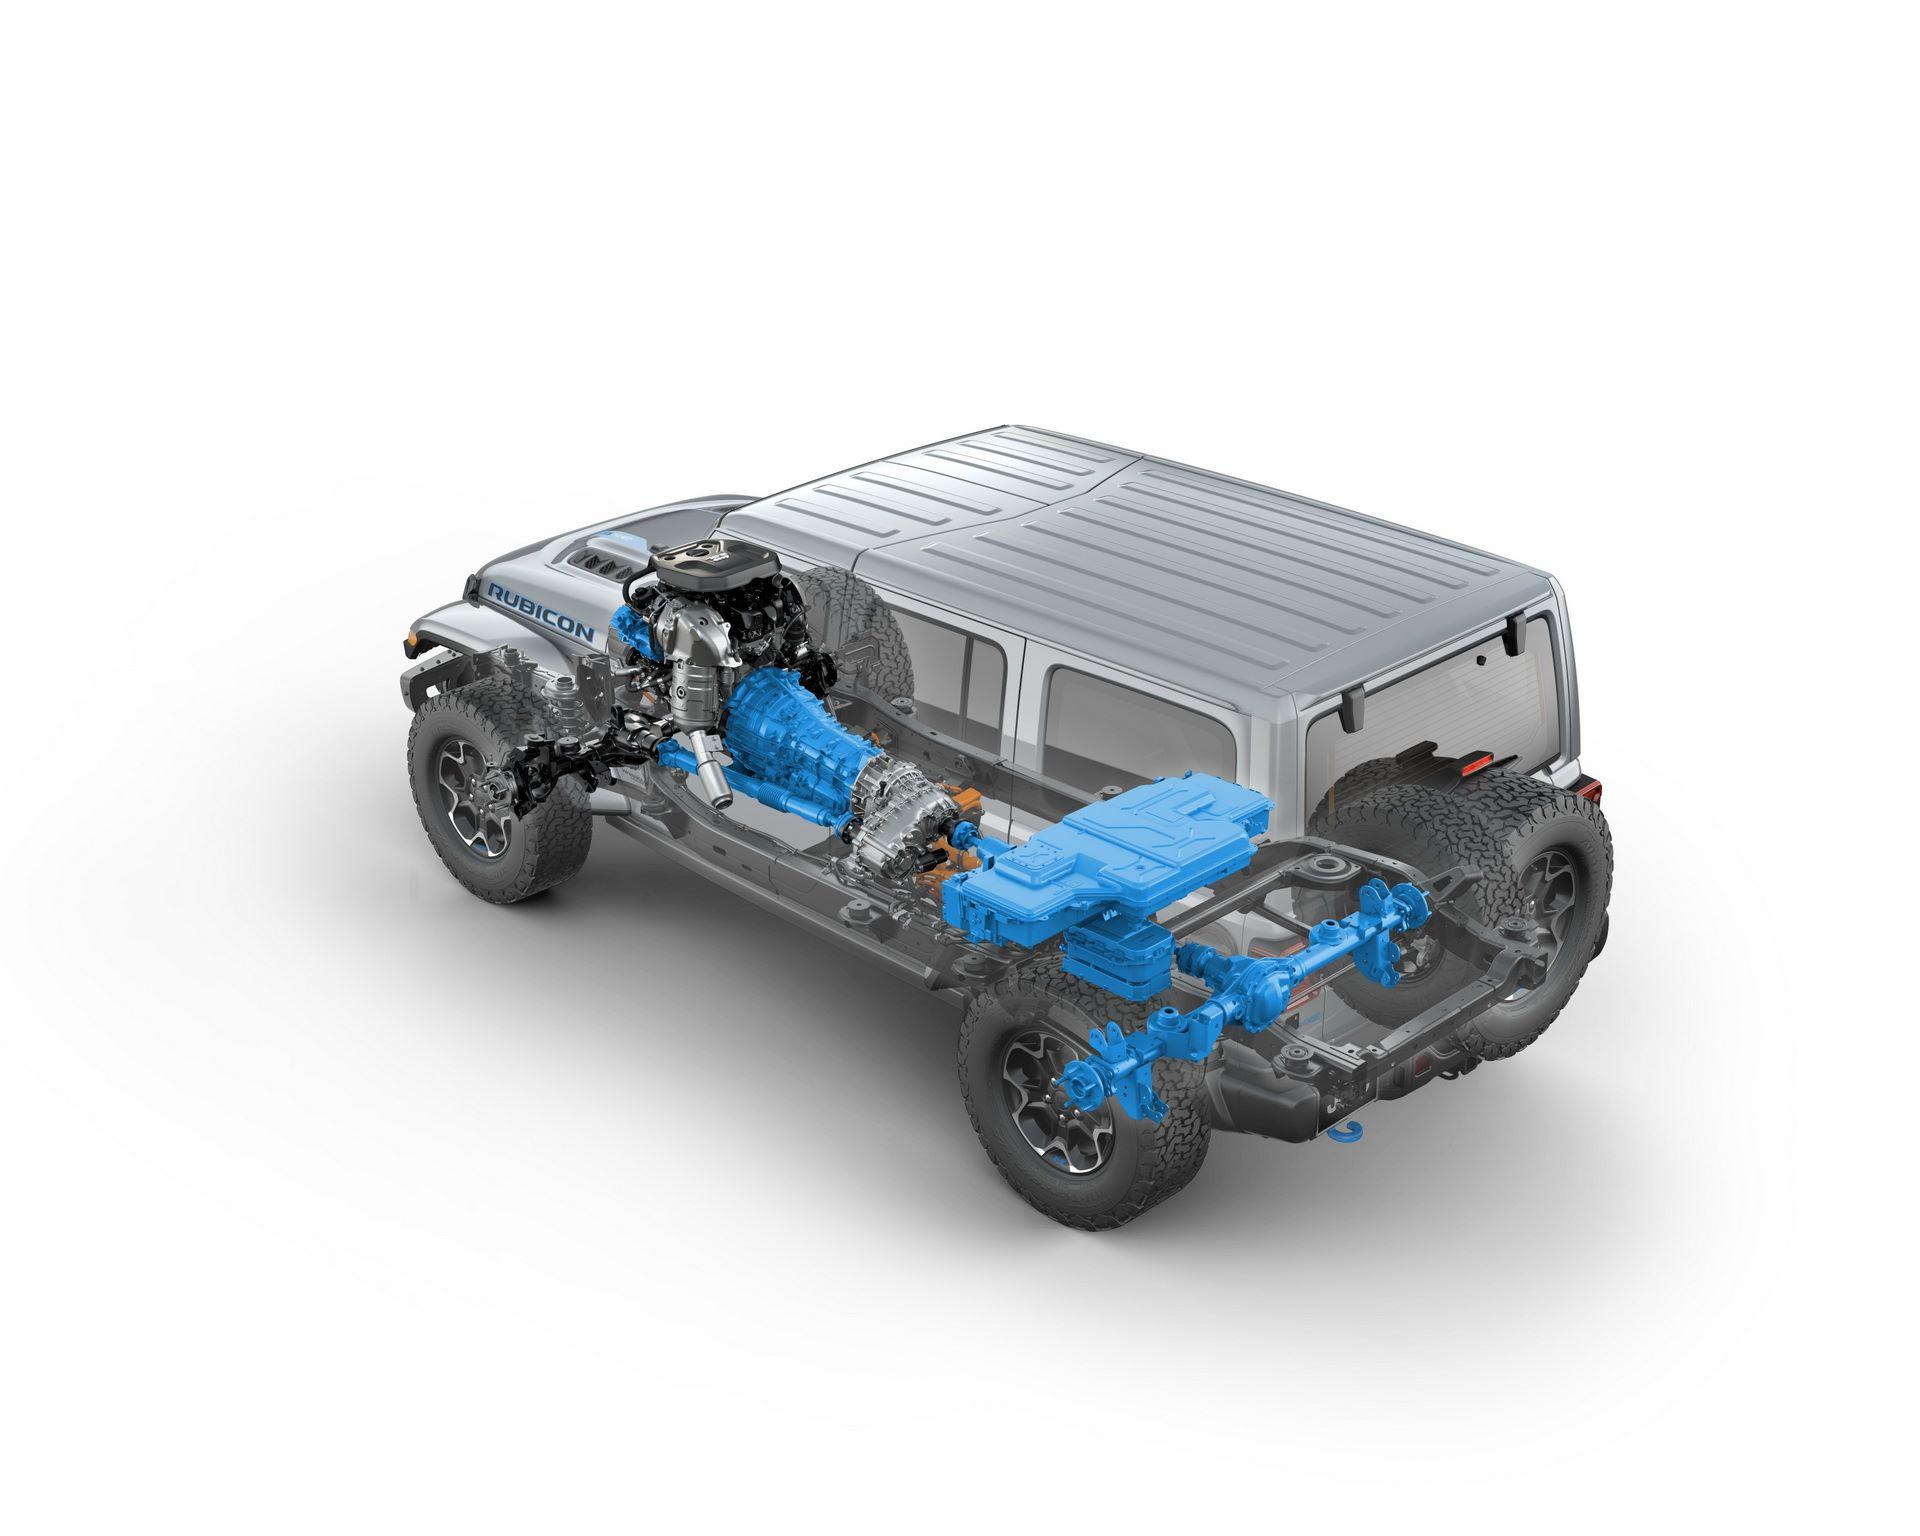 Jeep-Wrangler-4xe-52